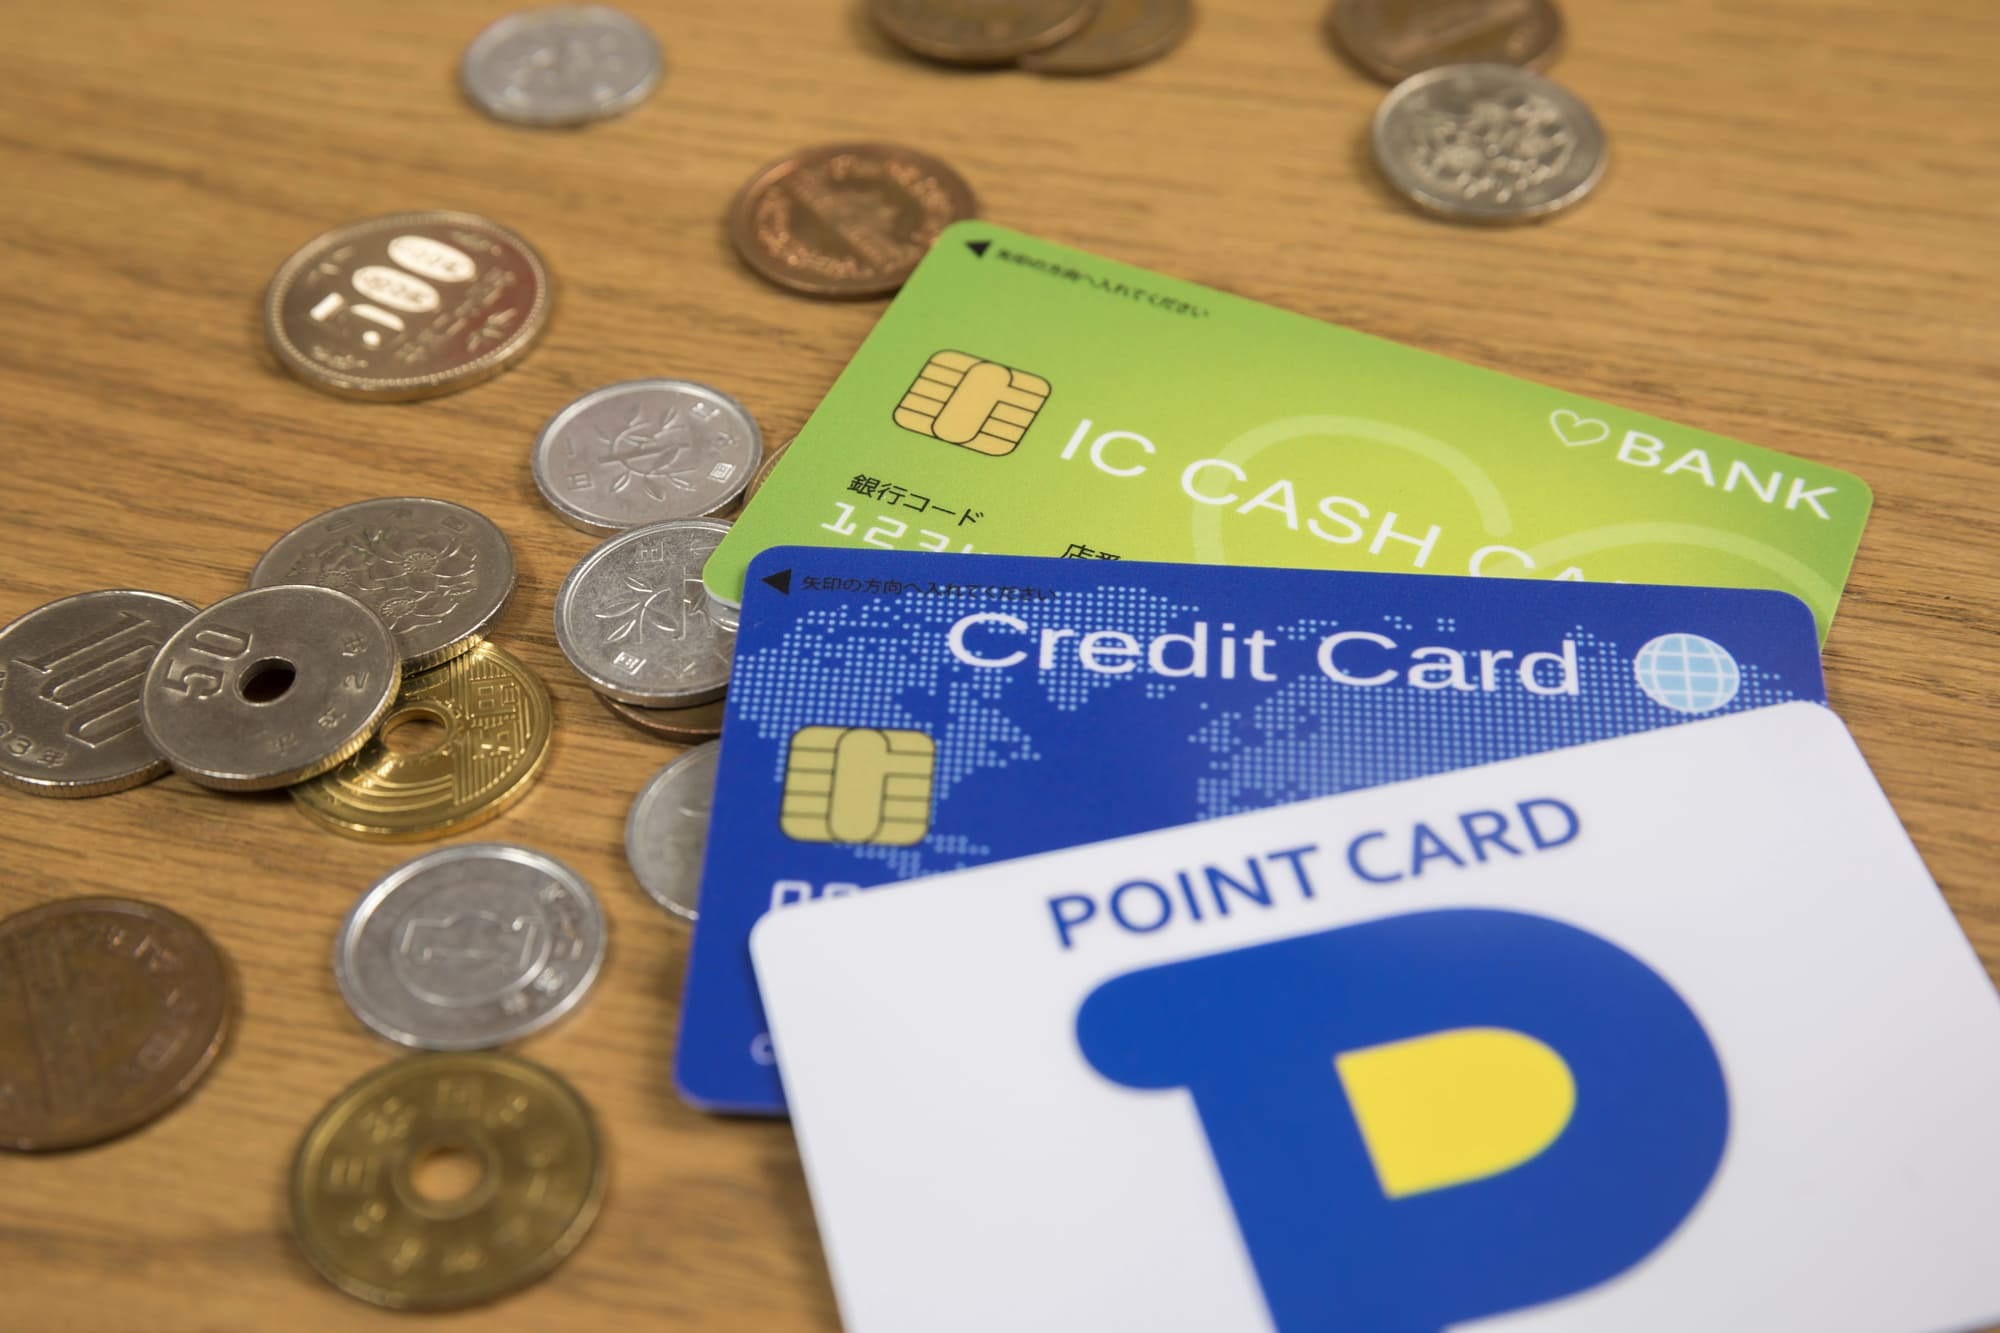 法人カードで貯めたポイントの会計処理方法は?適切な会計処理に役立つおすすめ法人カード5選!